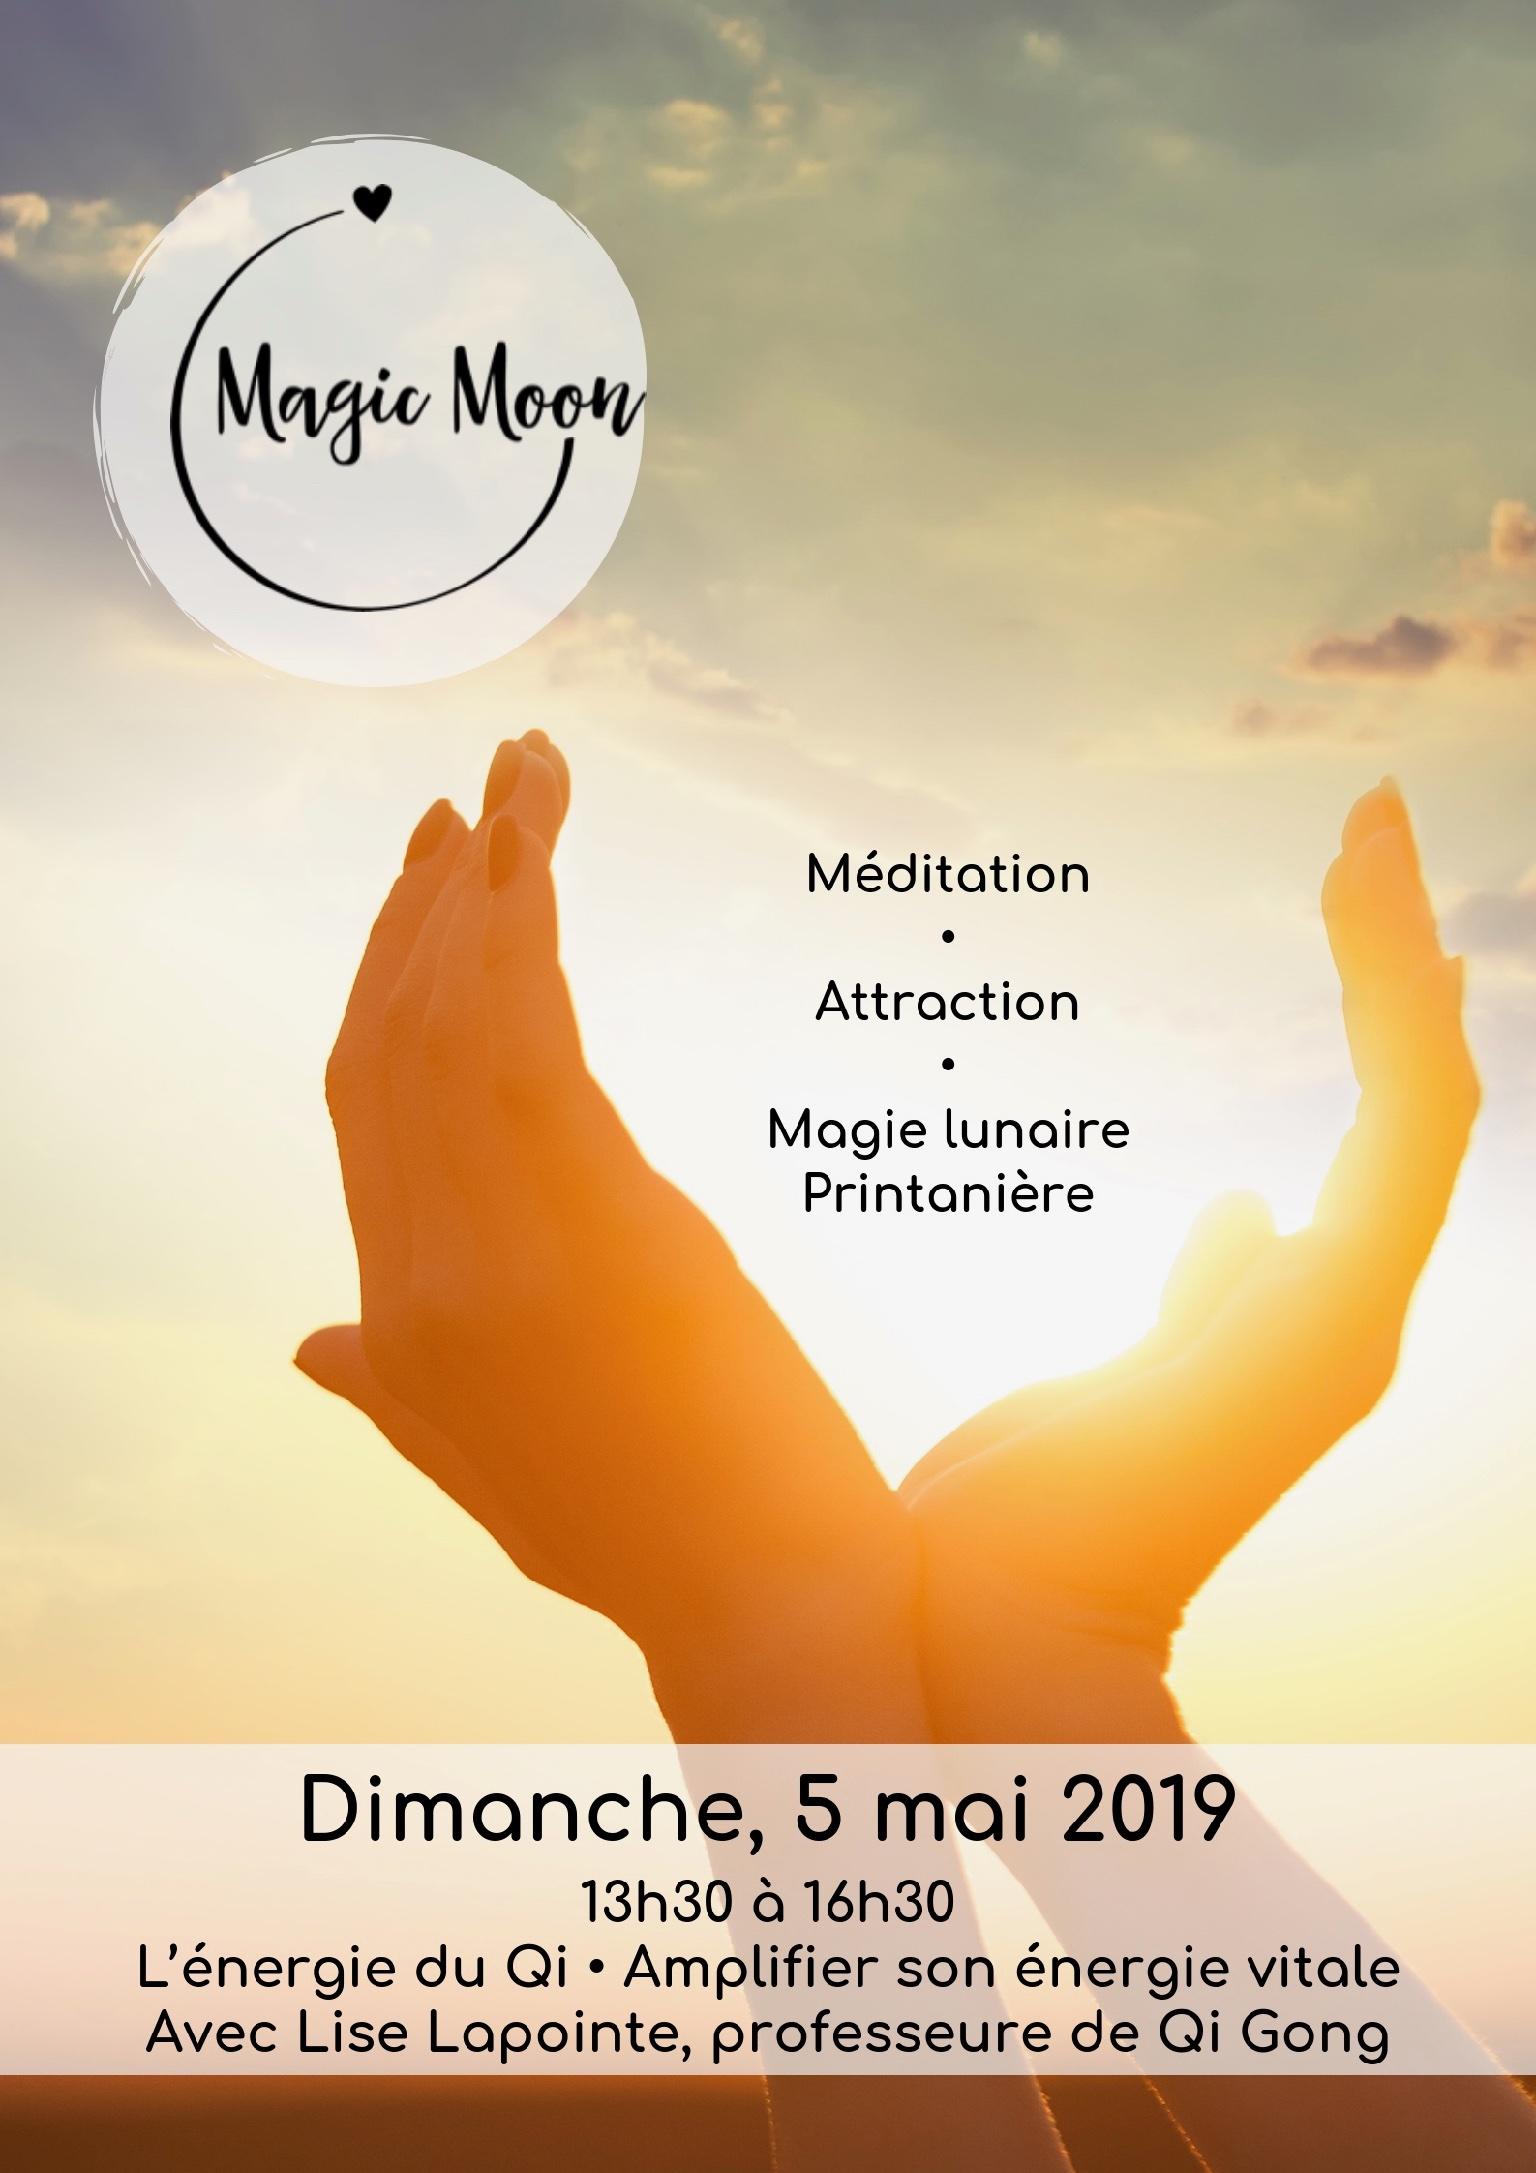 Magic Moon mai 2019 méditation énergie nouvelle lune attraction